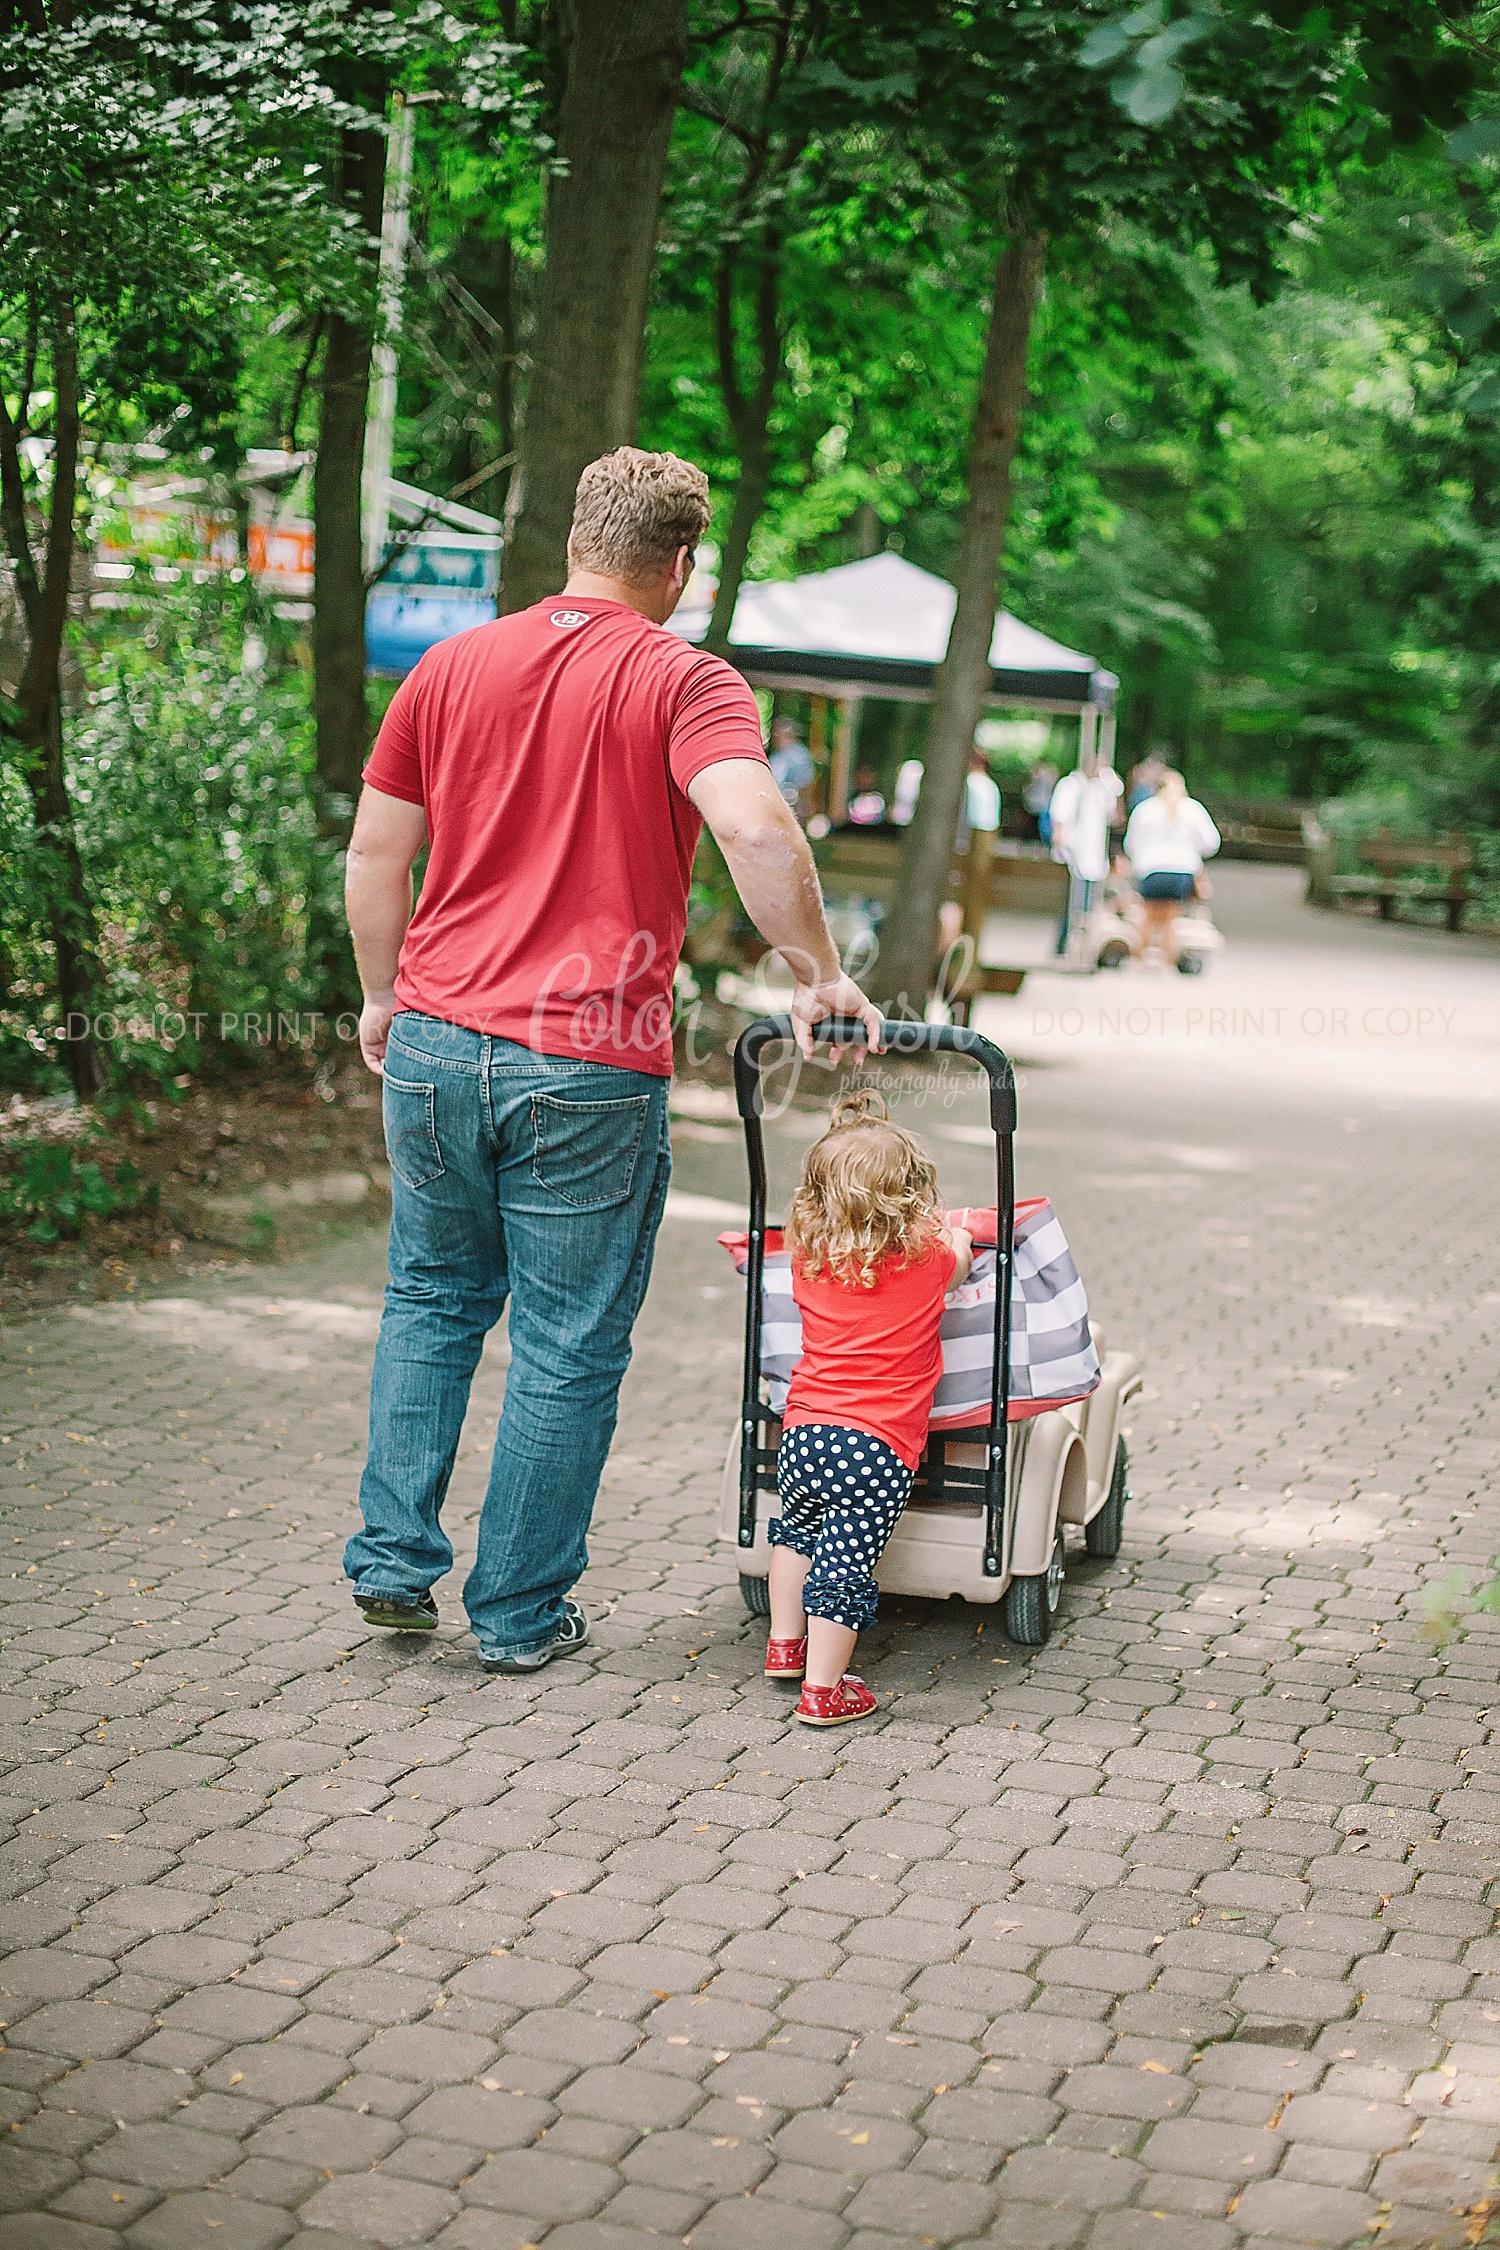 binder-park-zoo_0900